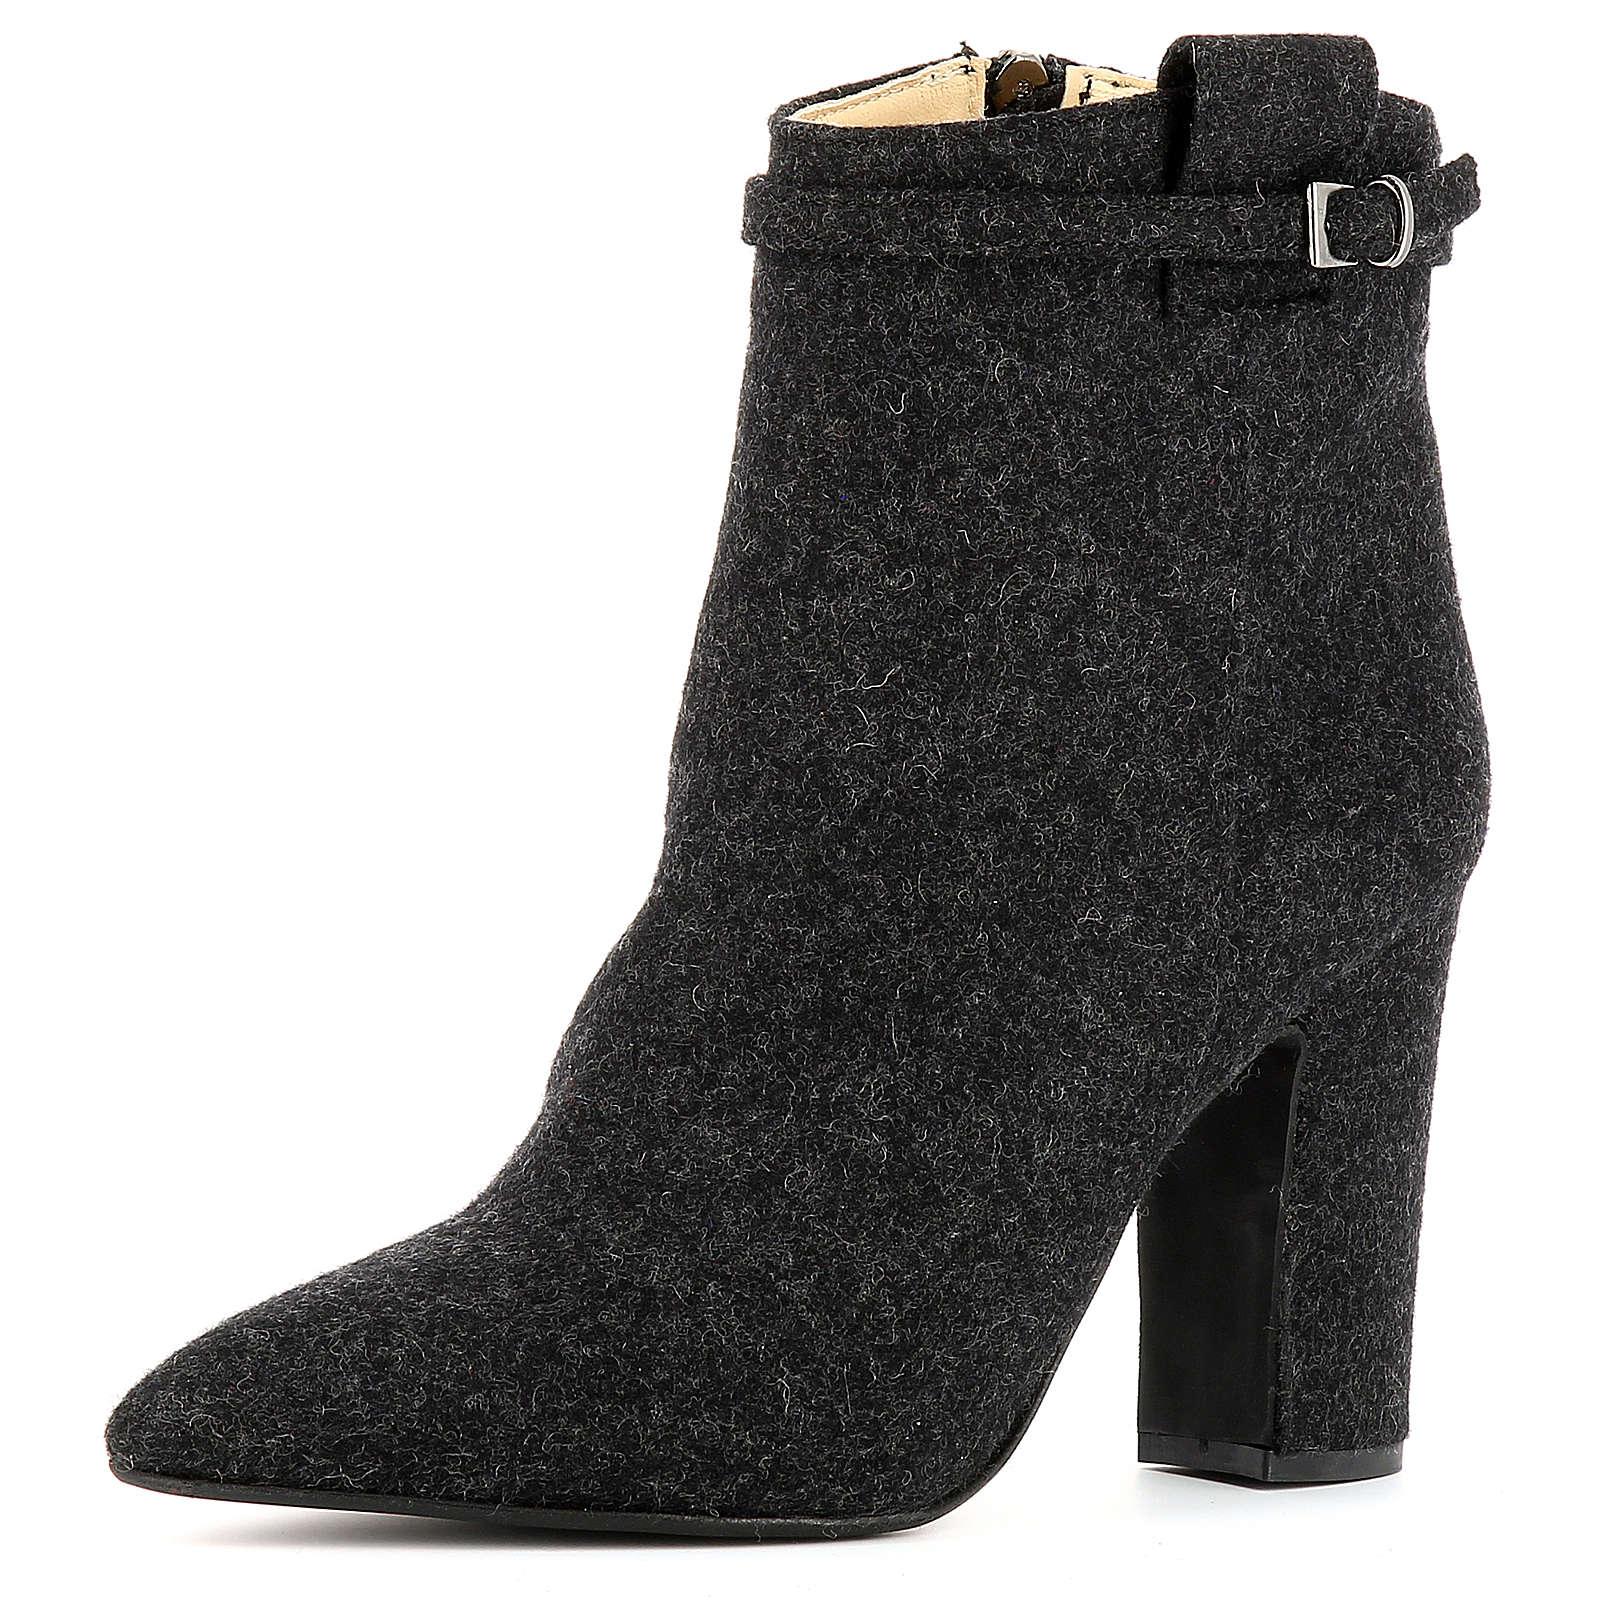 Evita Shoes Stiefeletten schwarz Damen Gr. 35